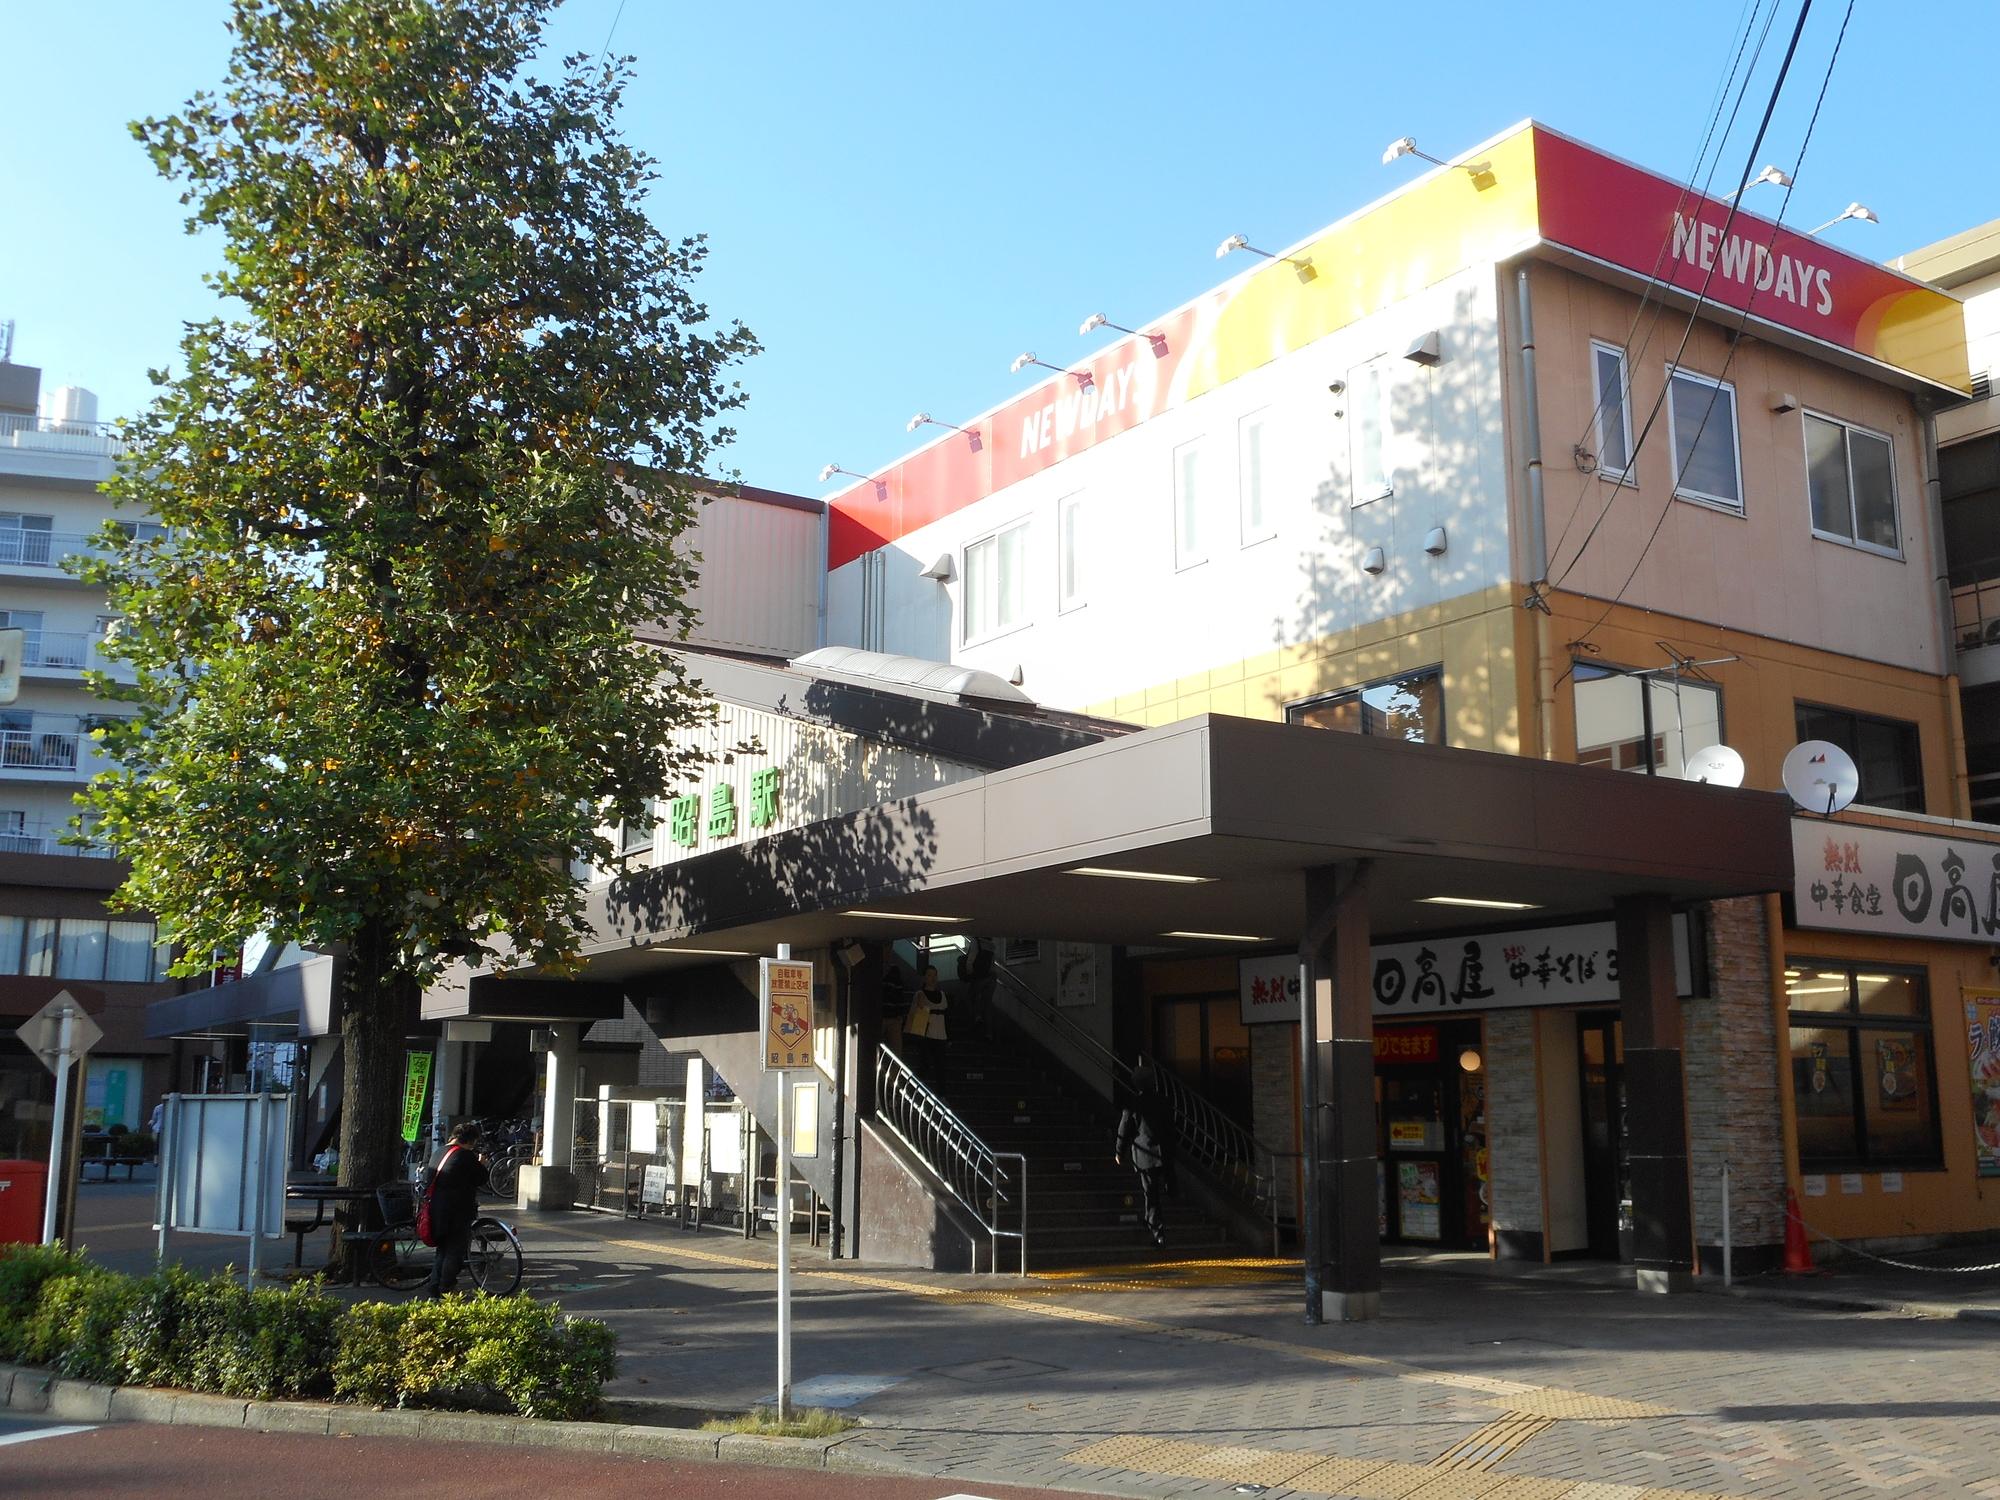 土曜に通院したい方へ!昭島駅の歯医者さん、おすすめポイント紹介